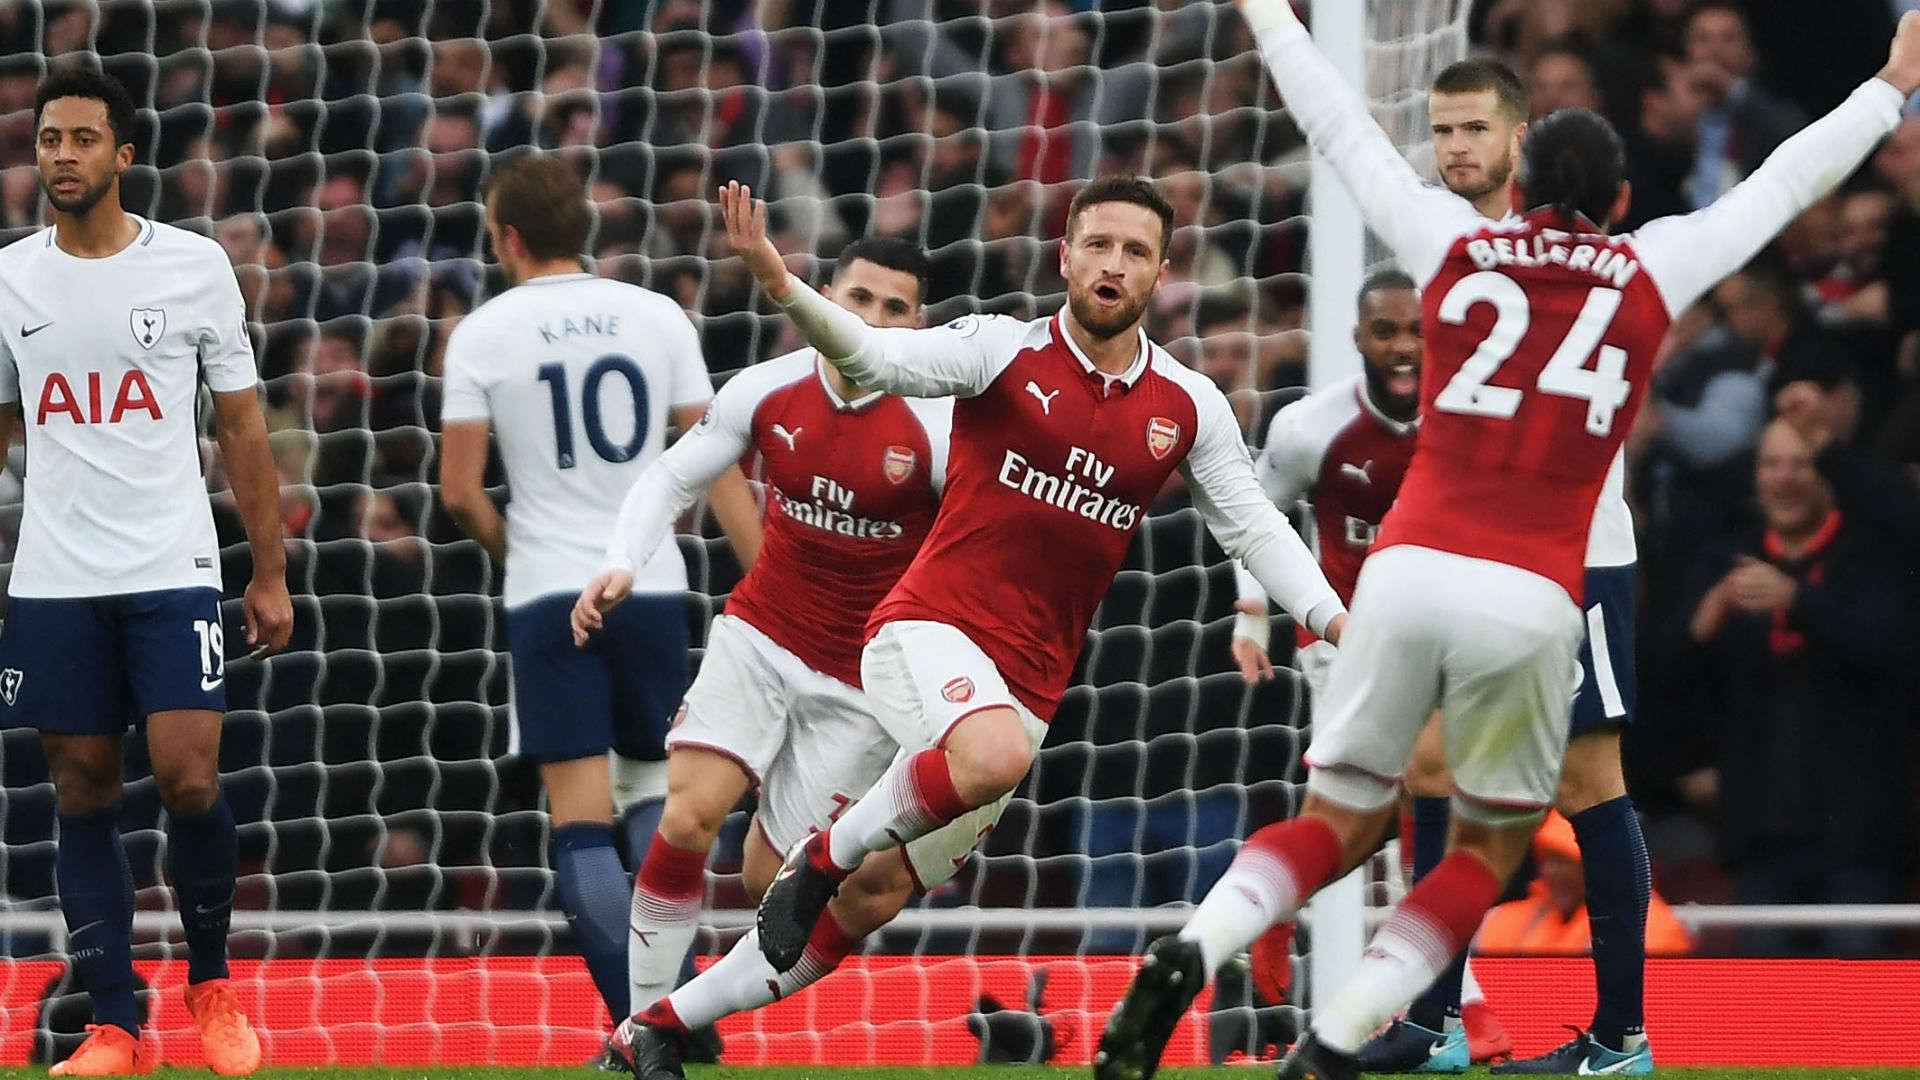 Arsenal (áo đỏ) vẫn có thể trở lại cuộc đua Premier League nếu như trận nào họ cũng chơi như trước Tottenham vào cuối tuần trước